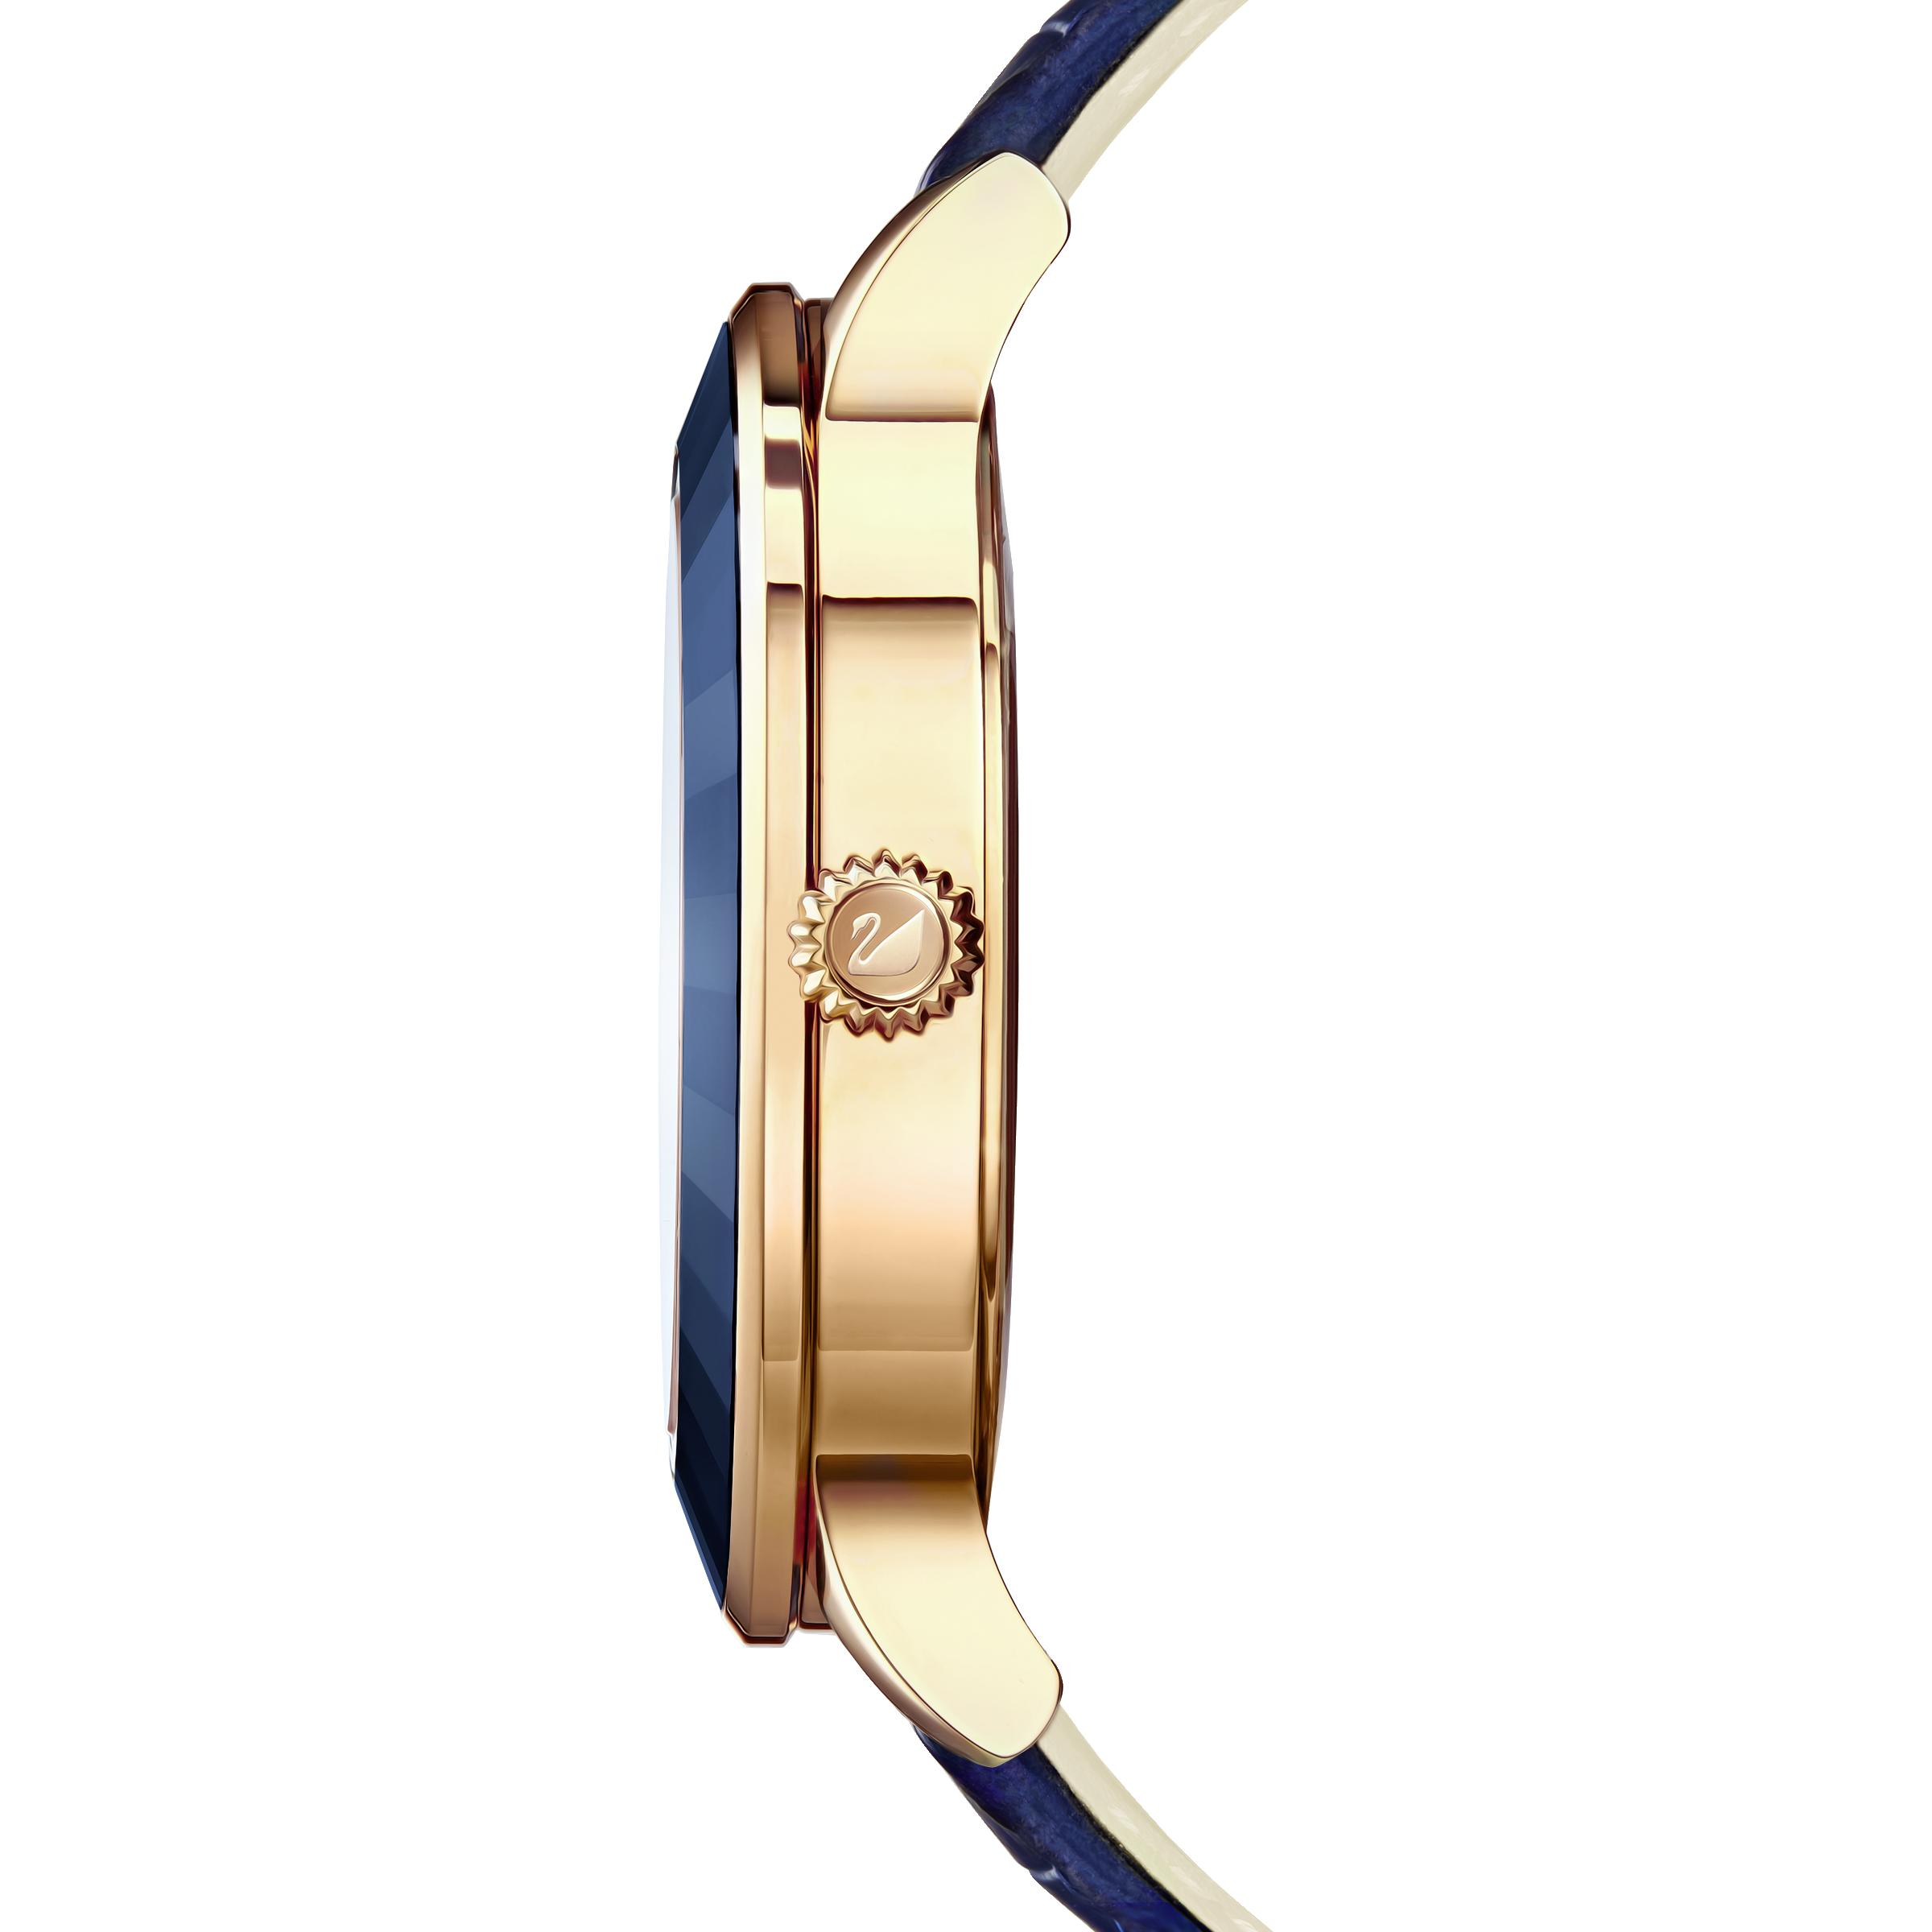 ساعة Octea Lux، بحزام جلدي، زرقاء، بلون ذهب وردي